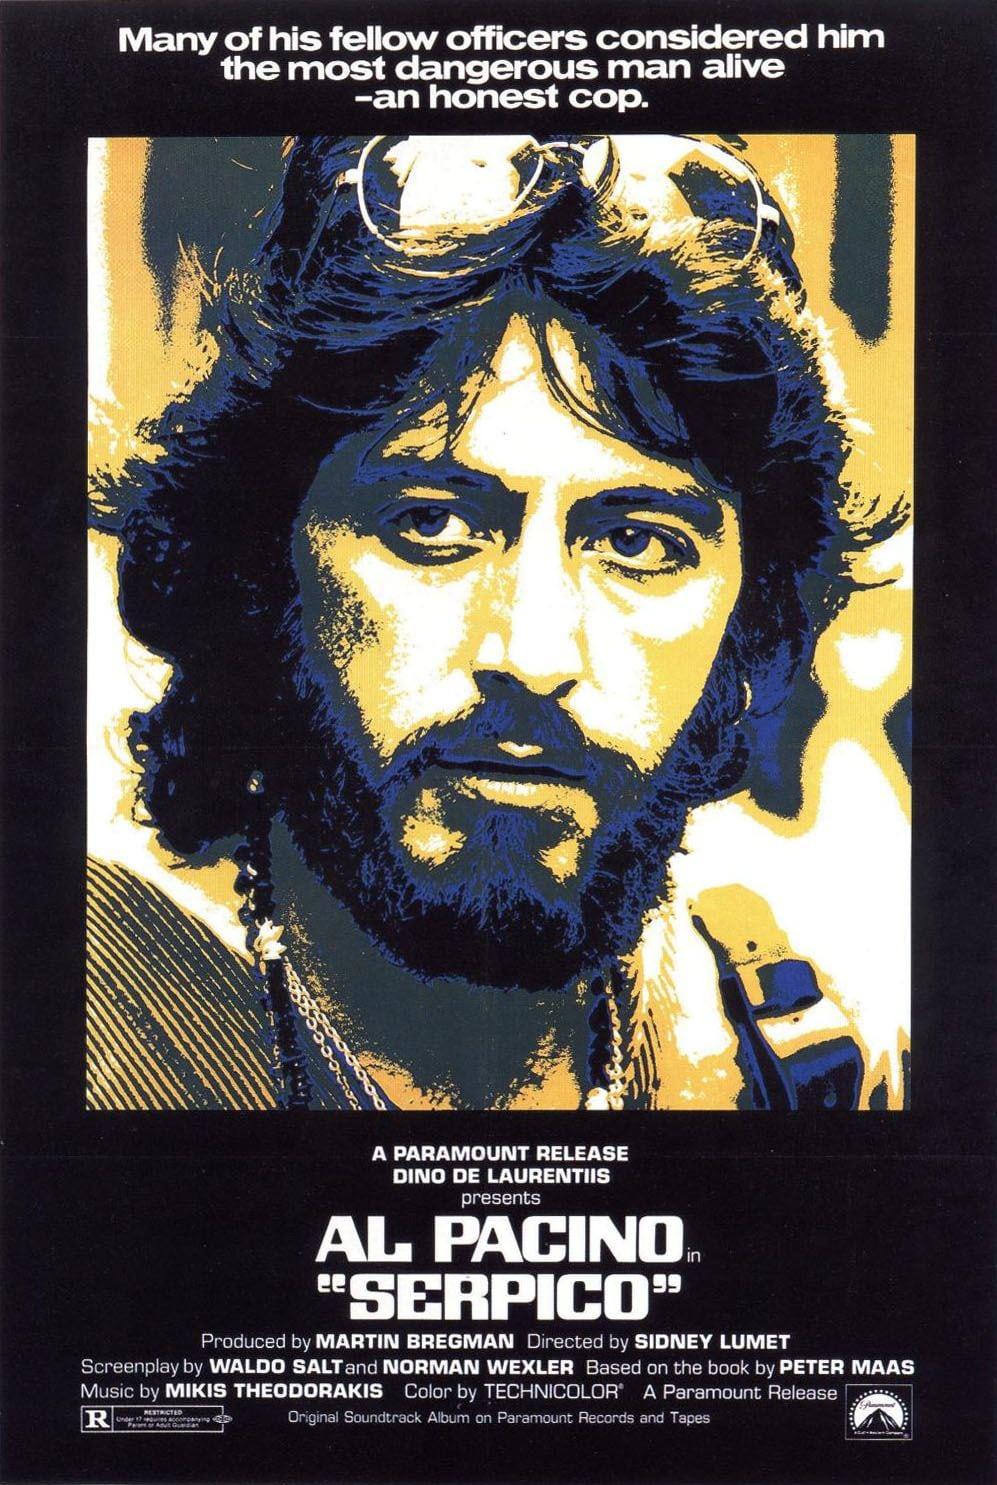 Κινηματογραφικές συναντήσεις με τη δεκαετία του '70   Μέρος Β